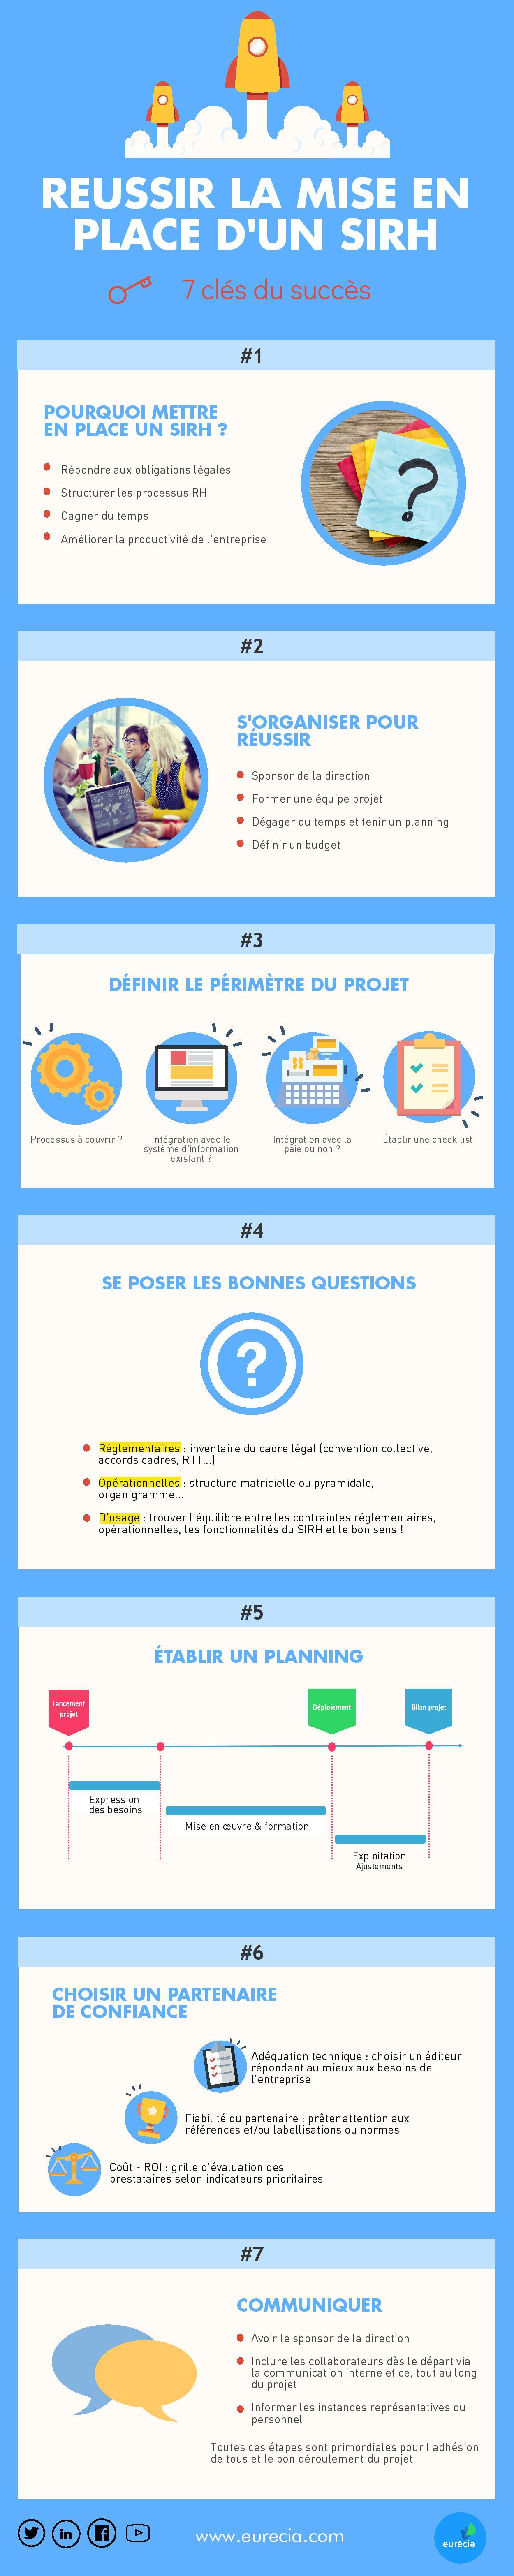 infographie-7-cles-succes-projet-sirh-eurecia